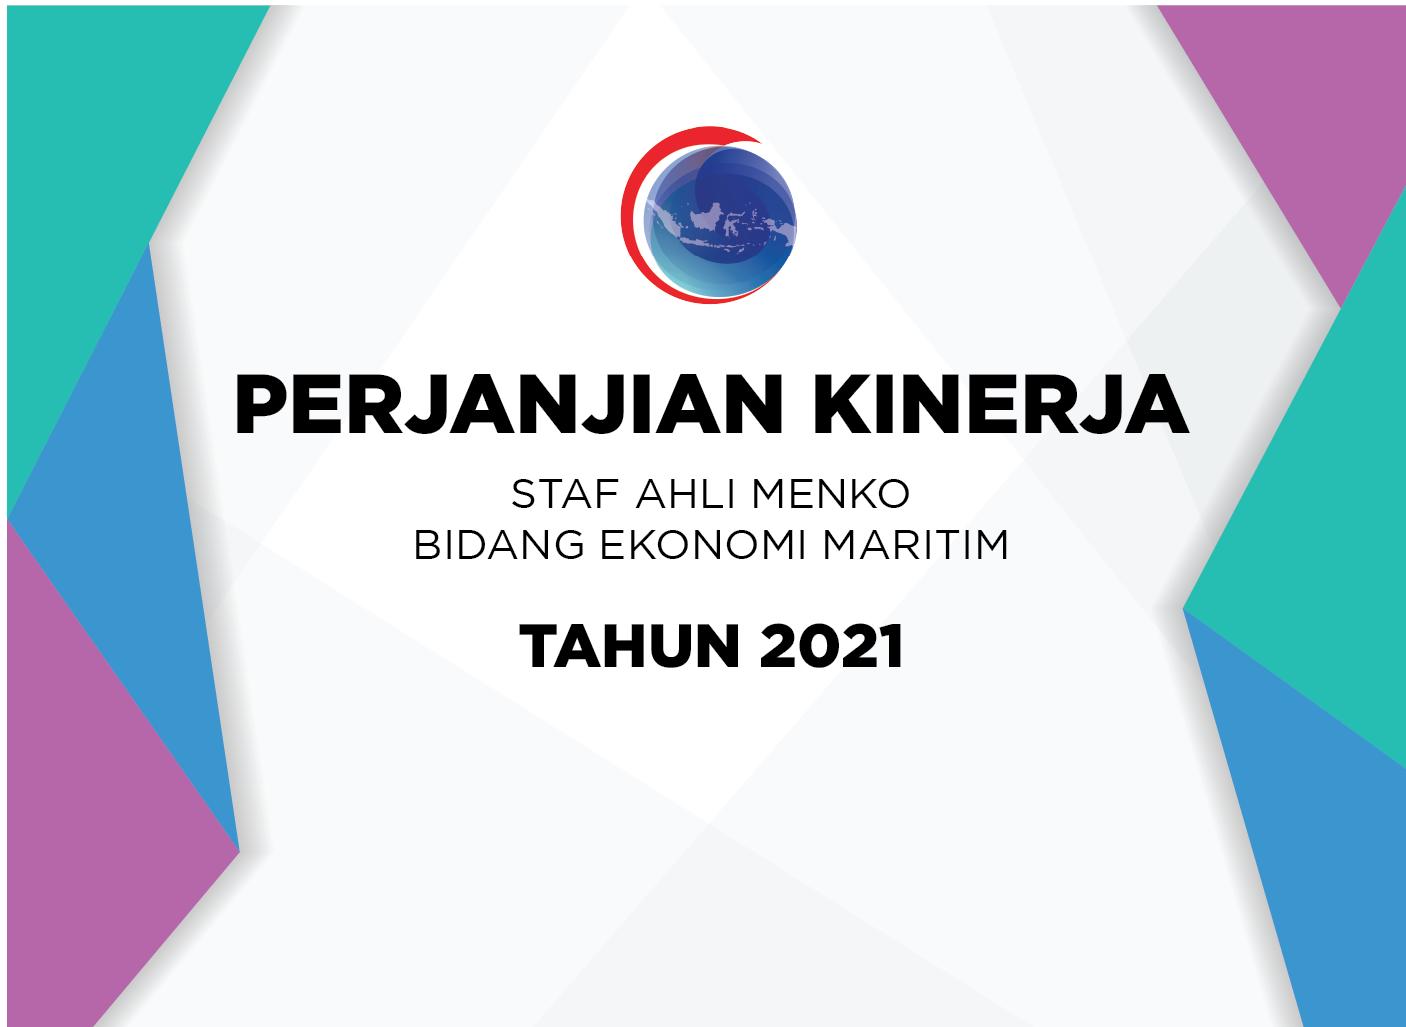 Perjanjian Kinerja Staf Ahli Menko Bidang Ekonomi Maritim